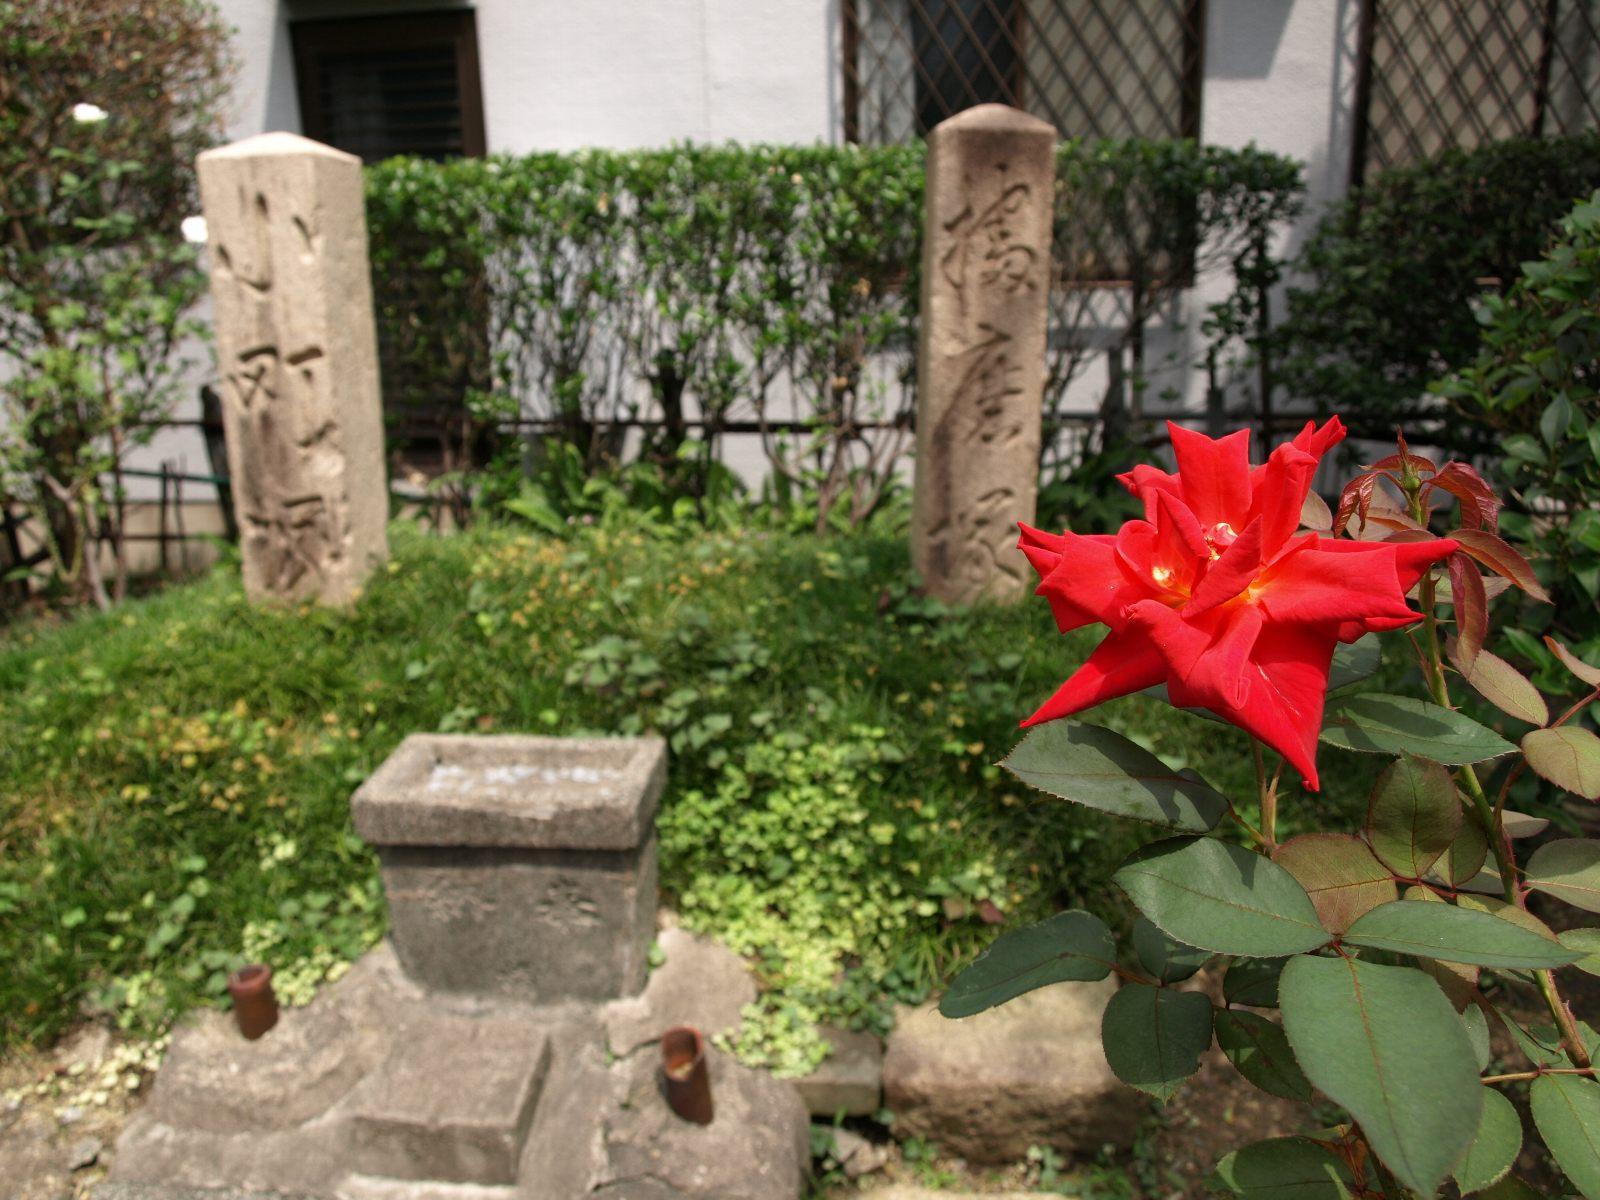 播磨塚と小町塚-その1